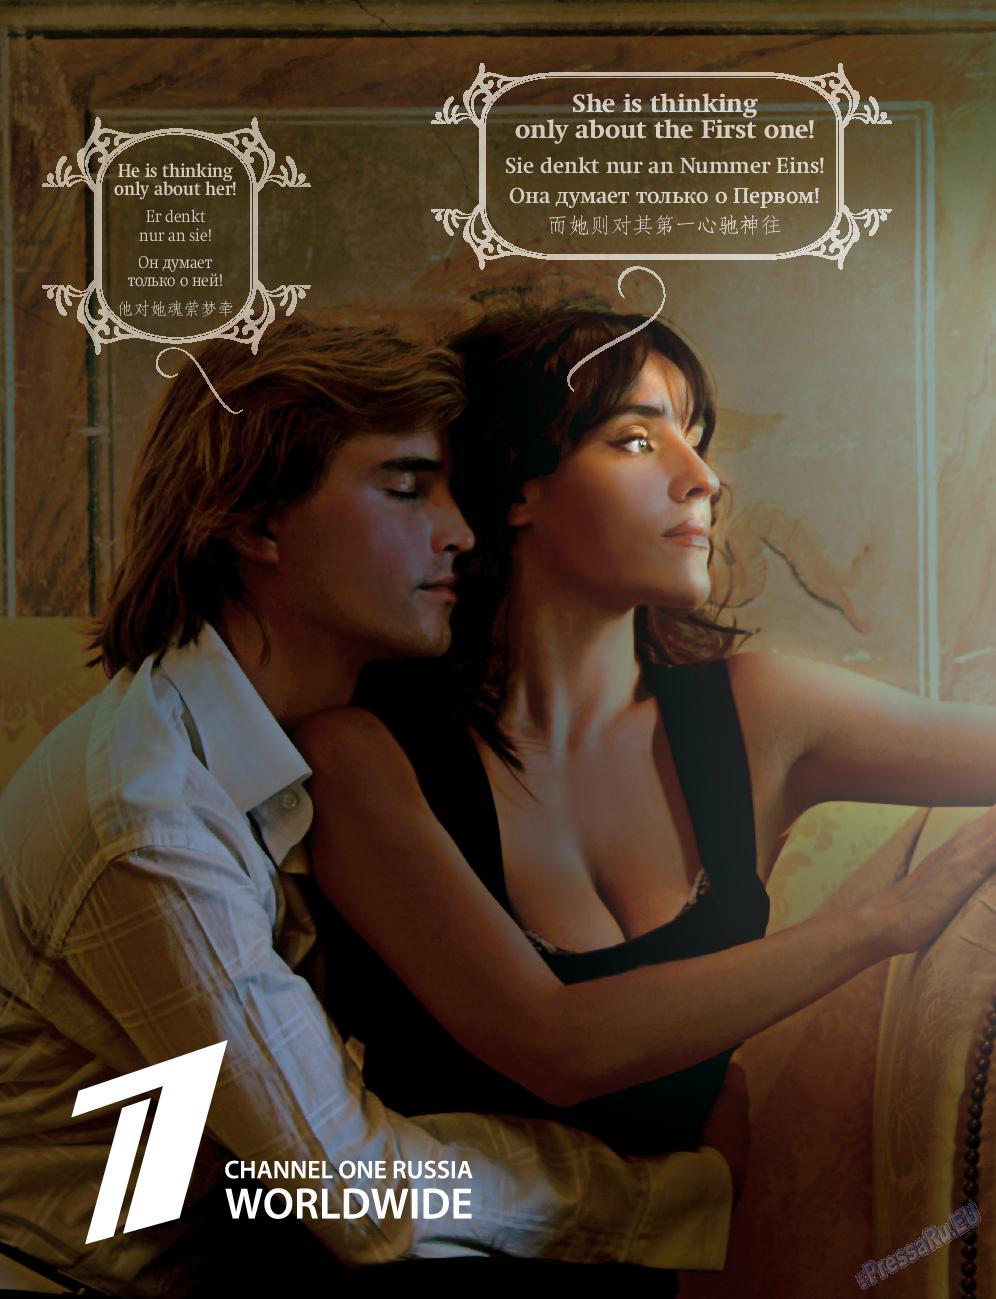 Клан (журнал). 2014 год, номер 6, стр. 54